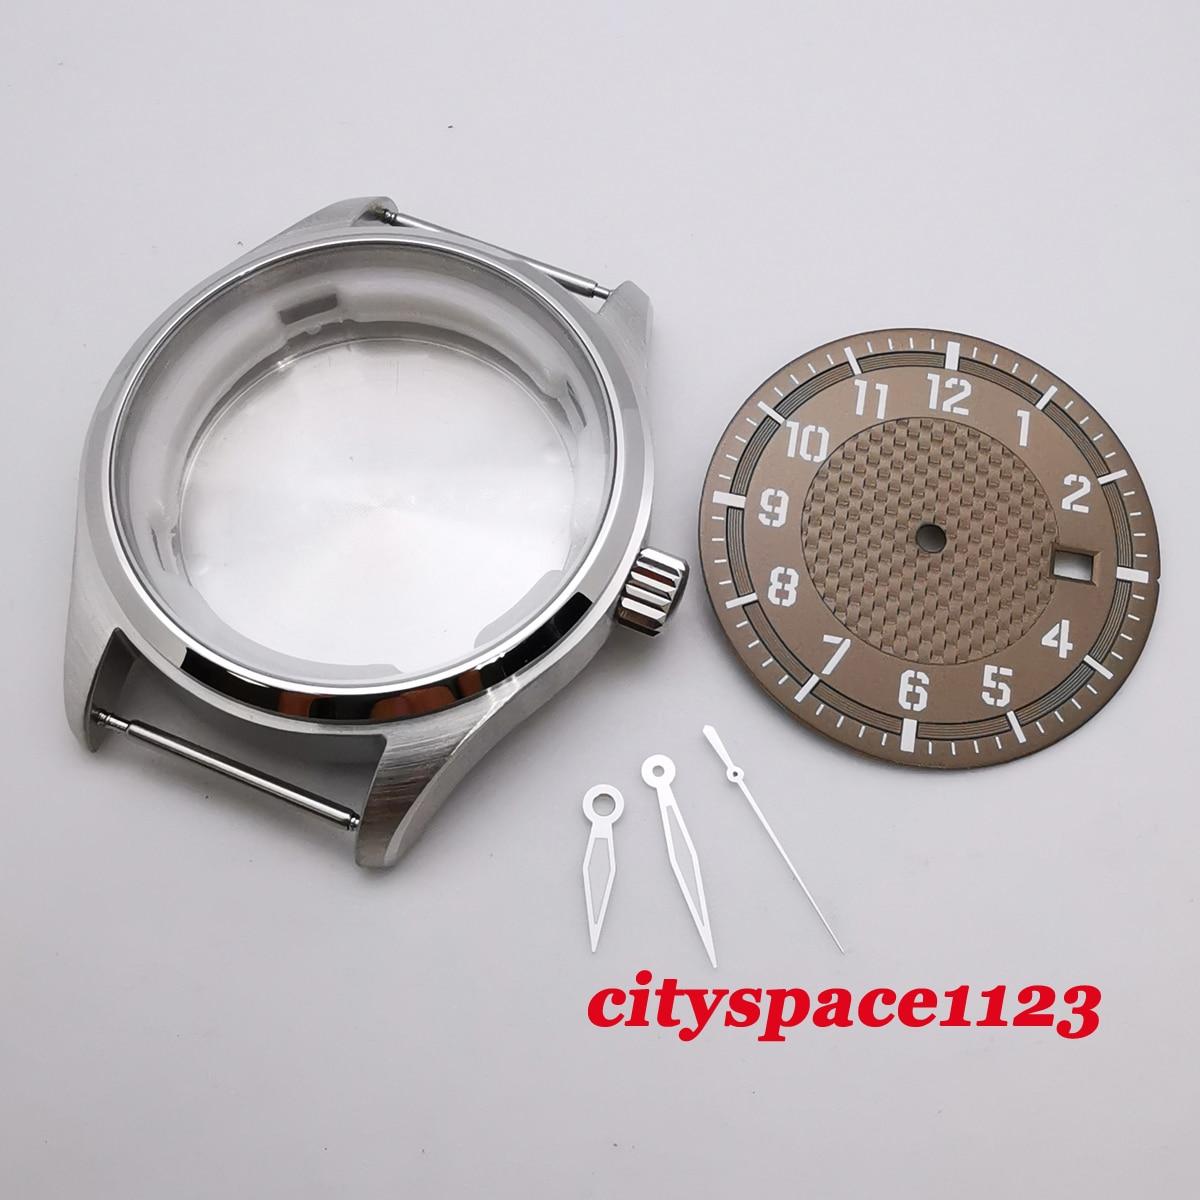 Caixa de Relógio Peças à Prova Corgeut Case Inoxidável Estéril Marrom Dial Mãos Caber Nh35 Nh36 Movimento Automático Relógio Dwaterproof Água 40mm Aço